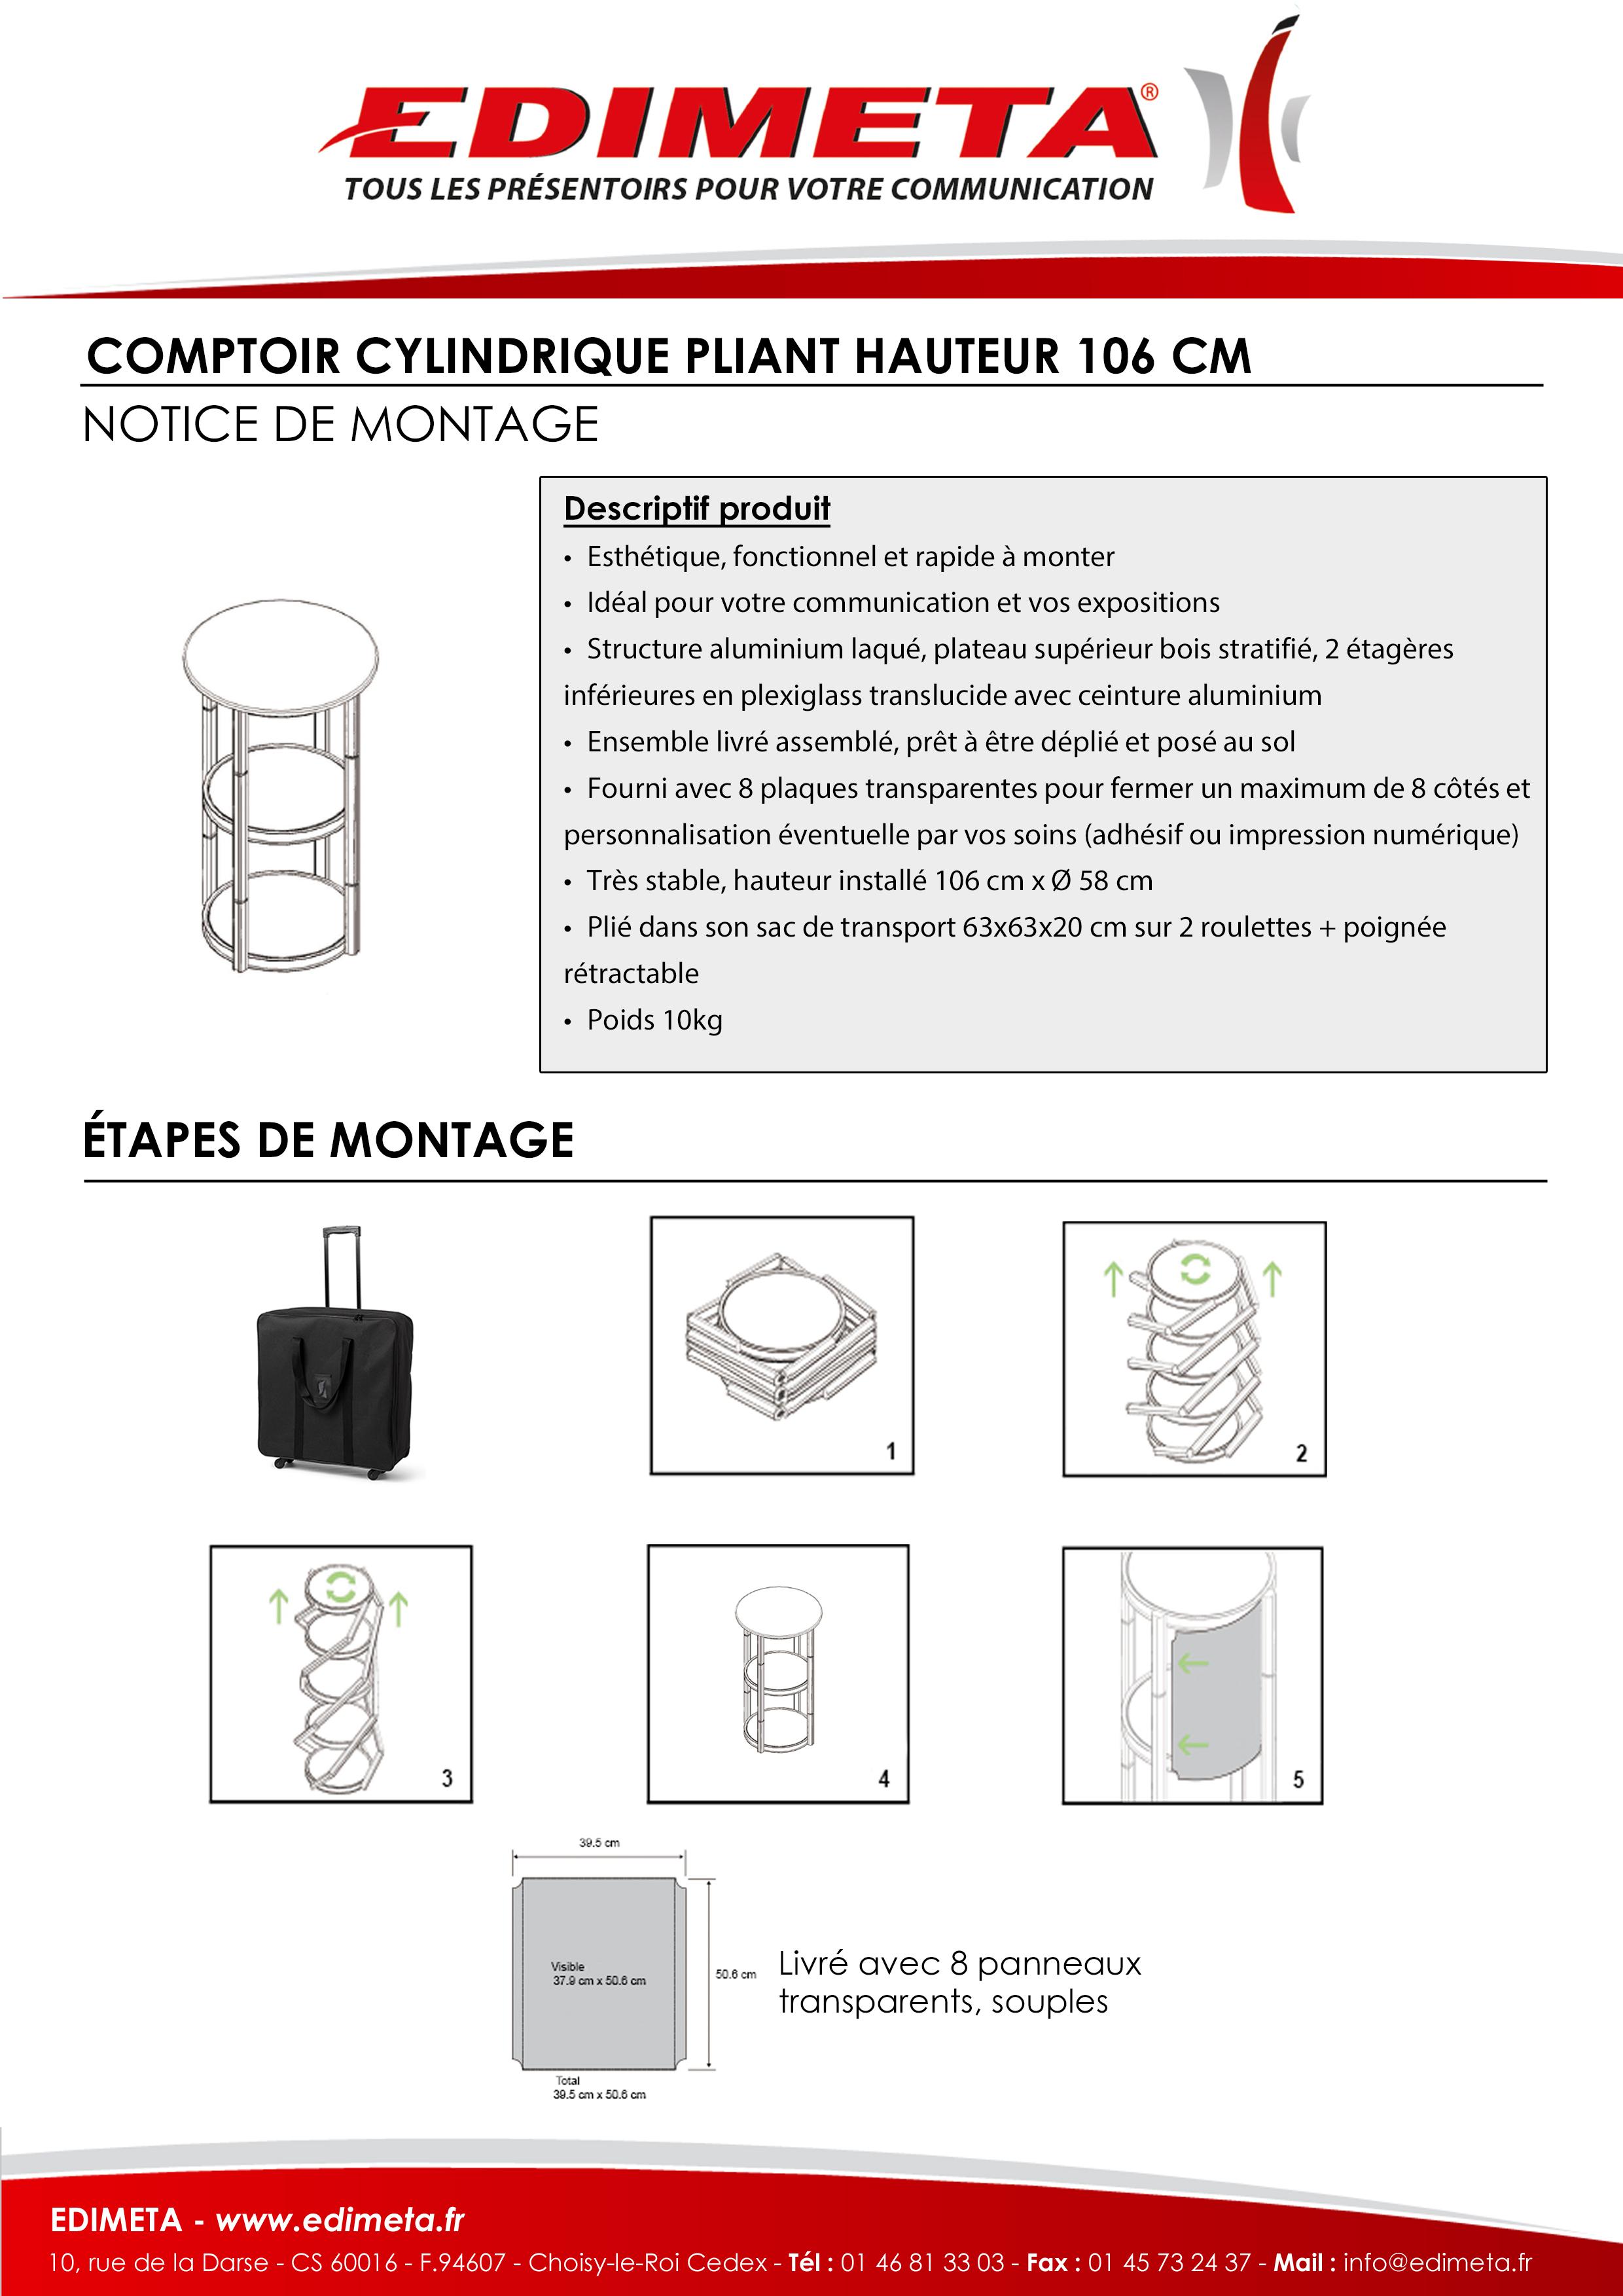 NOTICE DE MONTAGE : 215101 COMPTOIR CYLINDRIQUE PLIANT HAUTEUR 106 CM